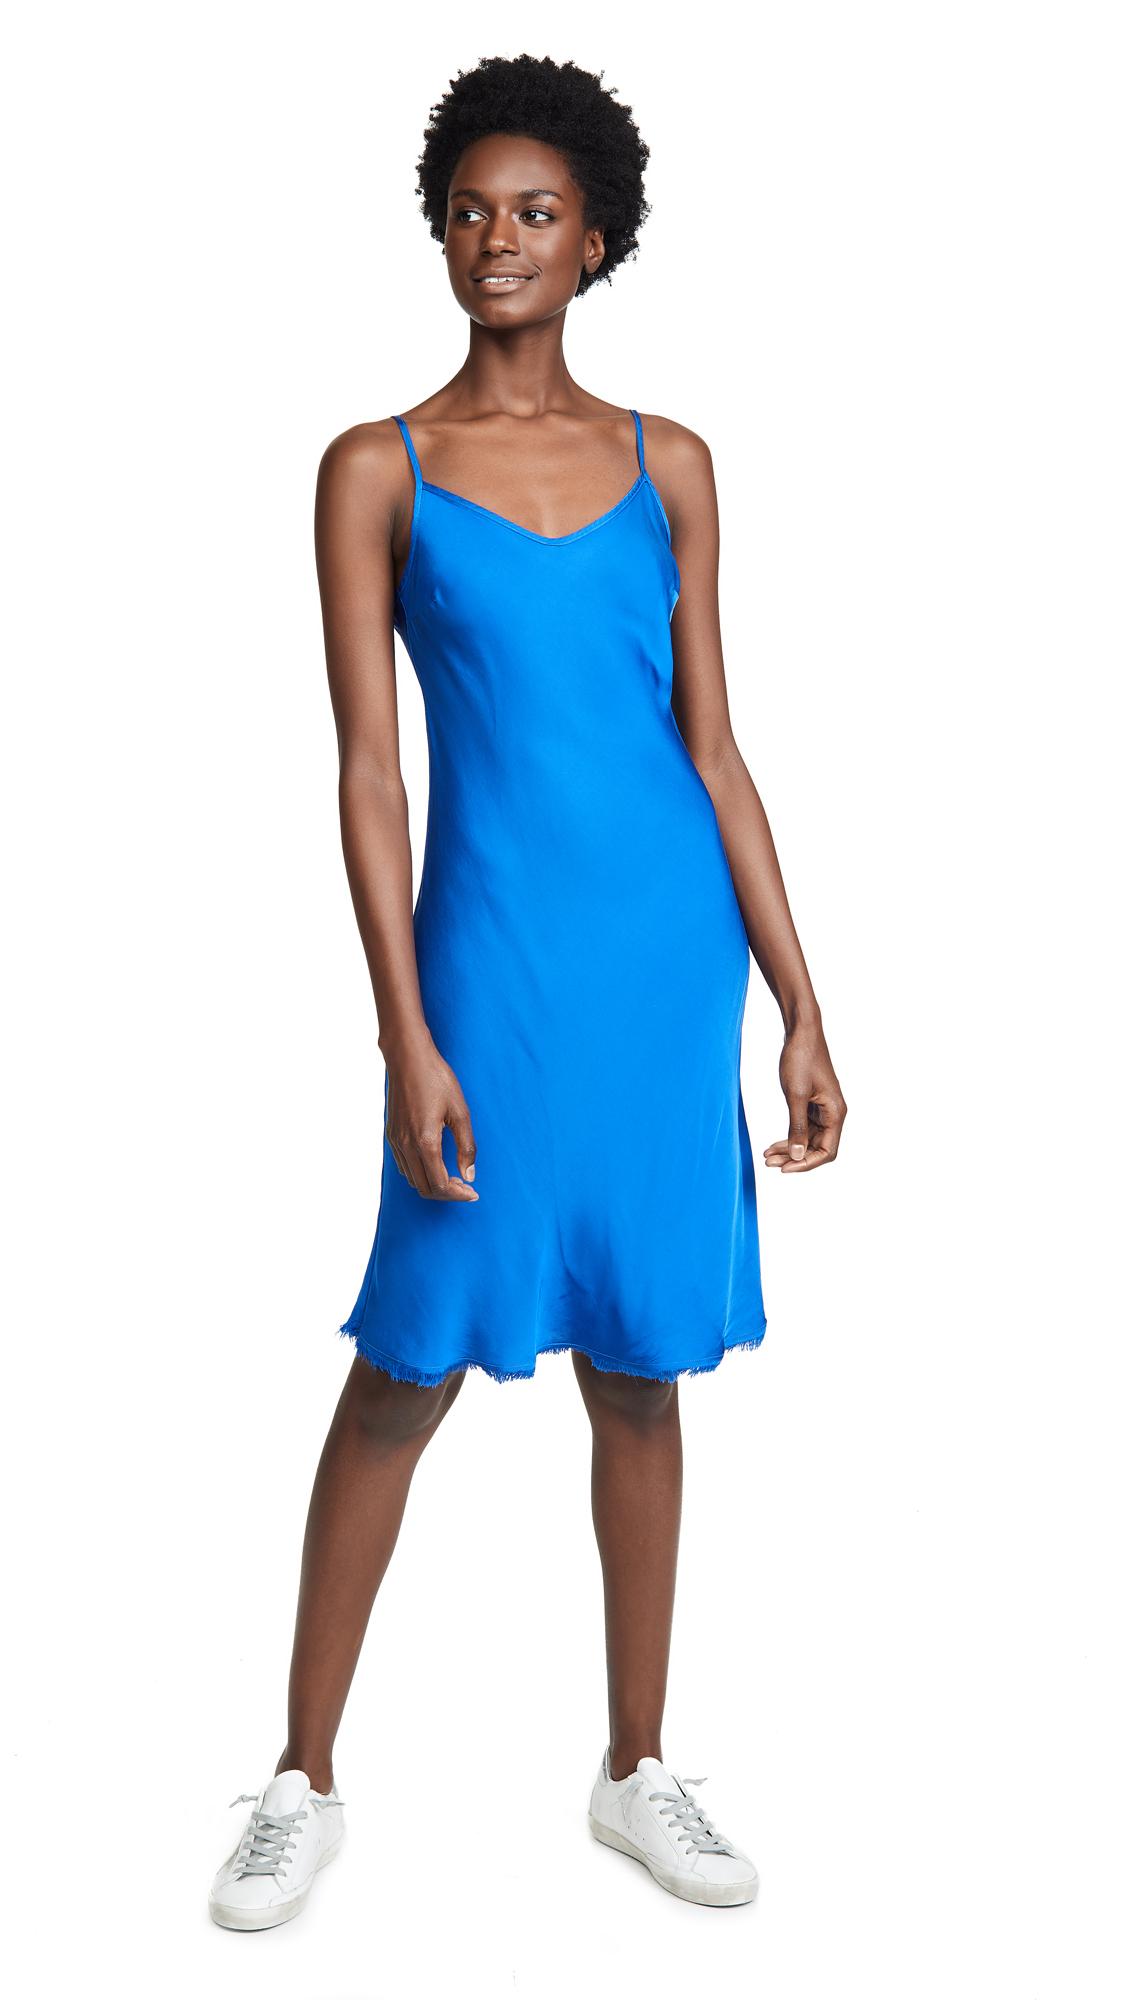 NATION LTD SOFIA BIAS CUT SLIP DRESS